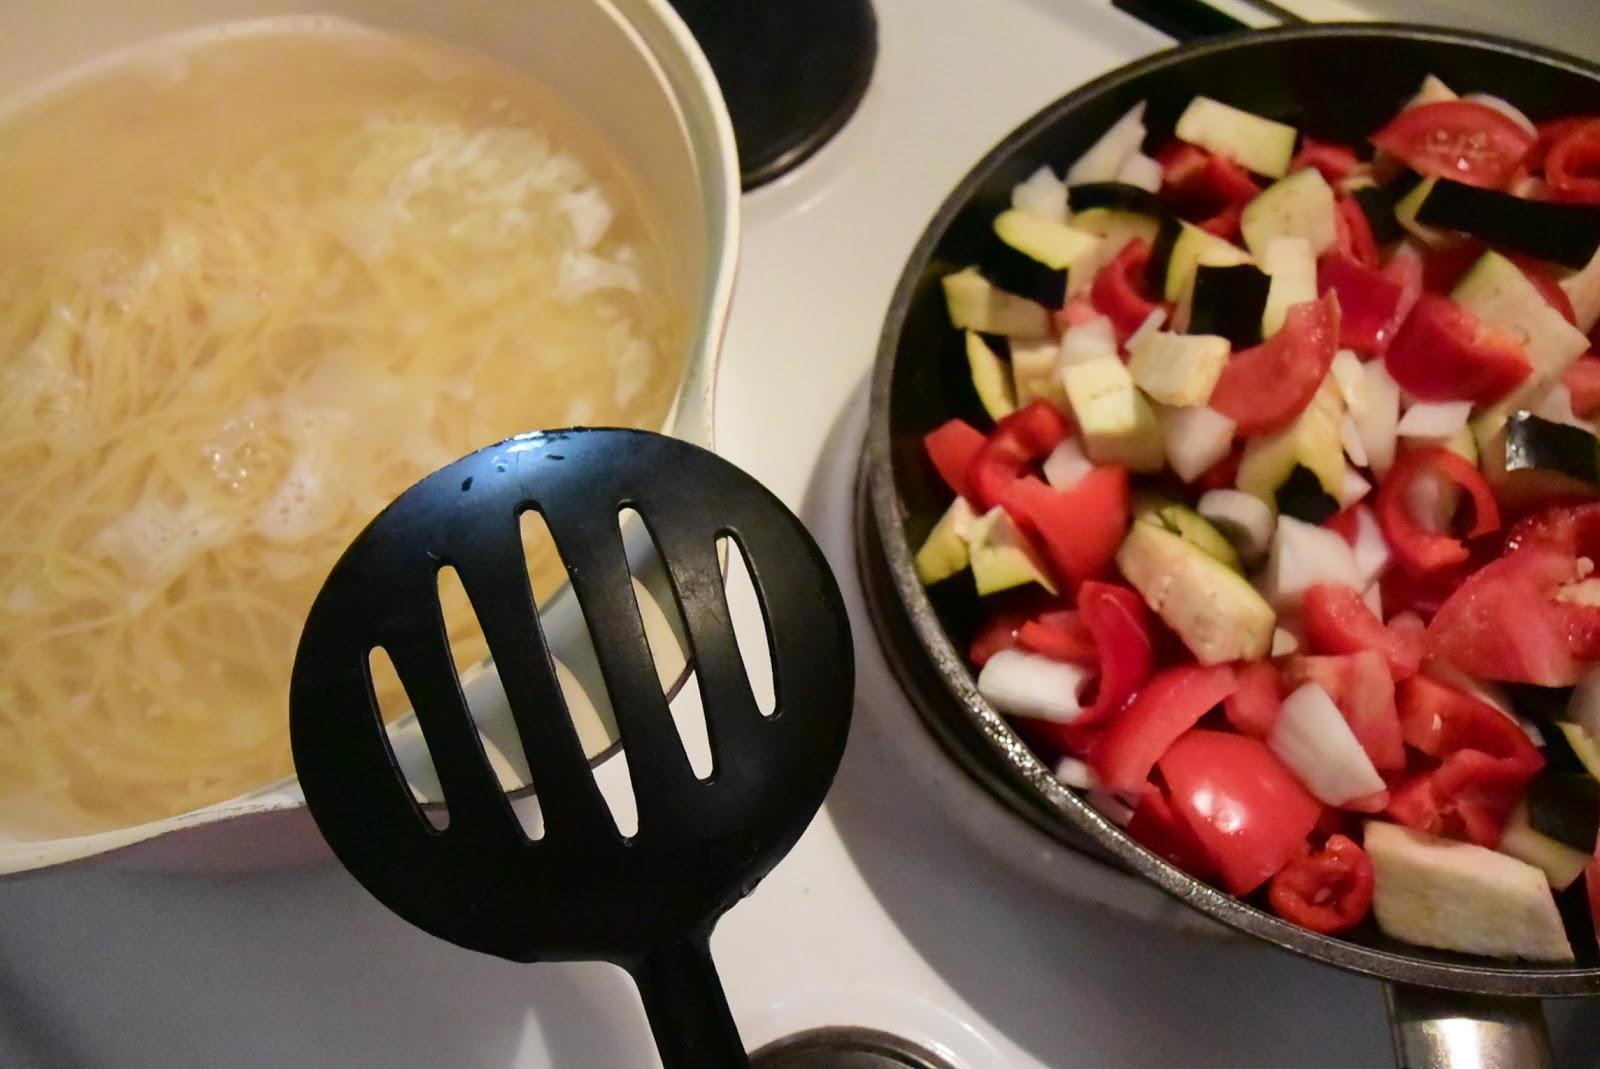 Συνταγή για λαχταριστά μακαρόνια με λαχανικά